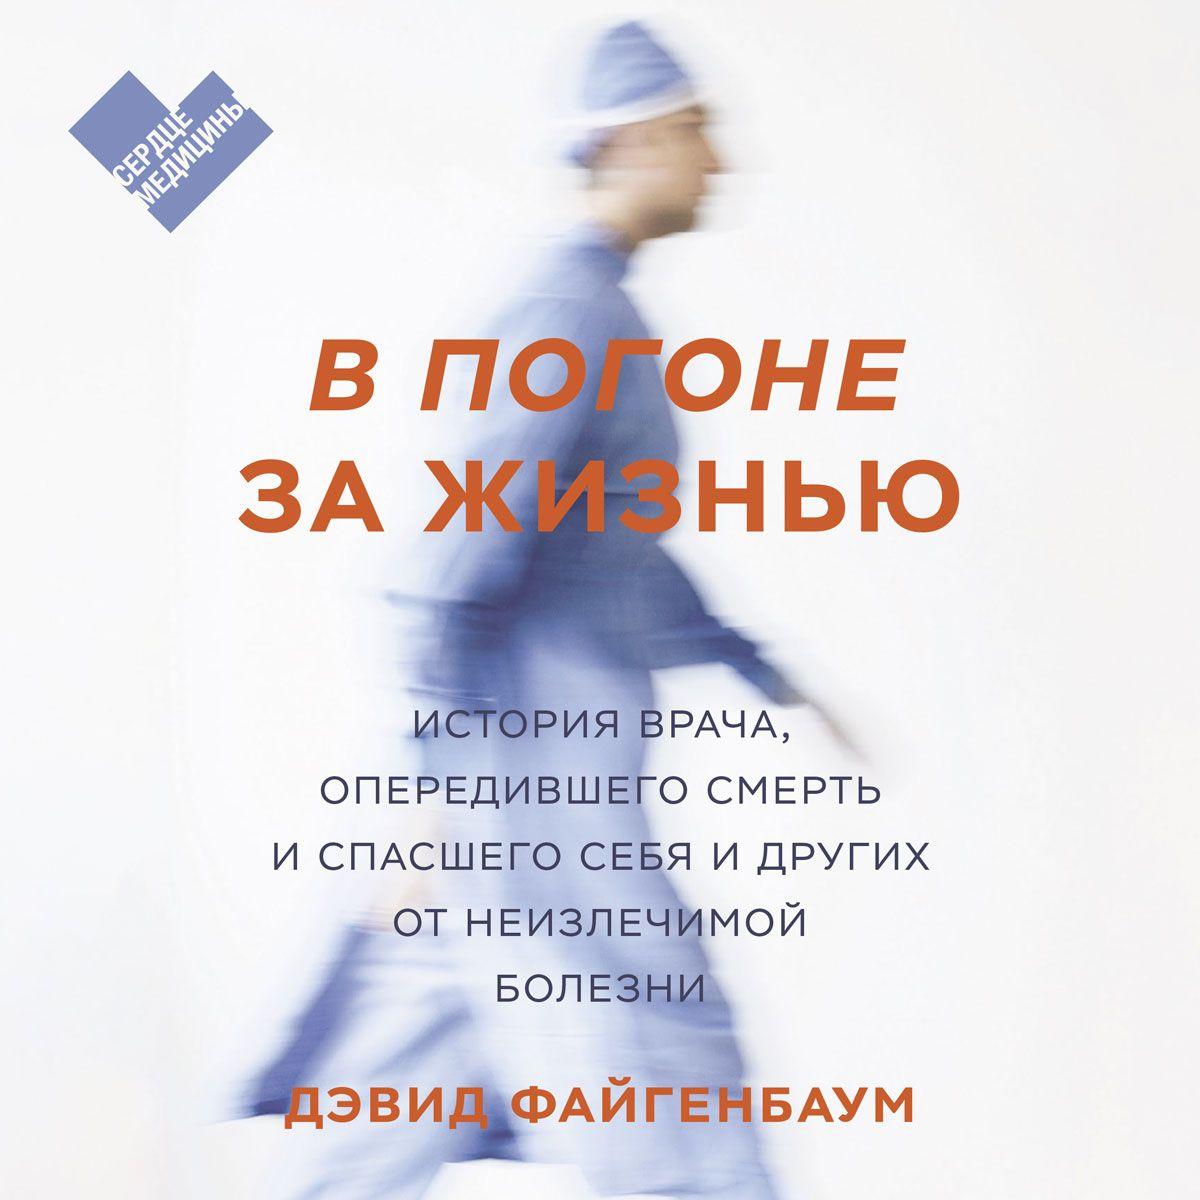 В погоне за жизнью. История врача, опередившего смерть и спасшего себя и других от неизлечимой болезни